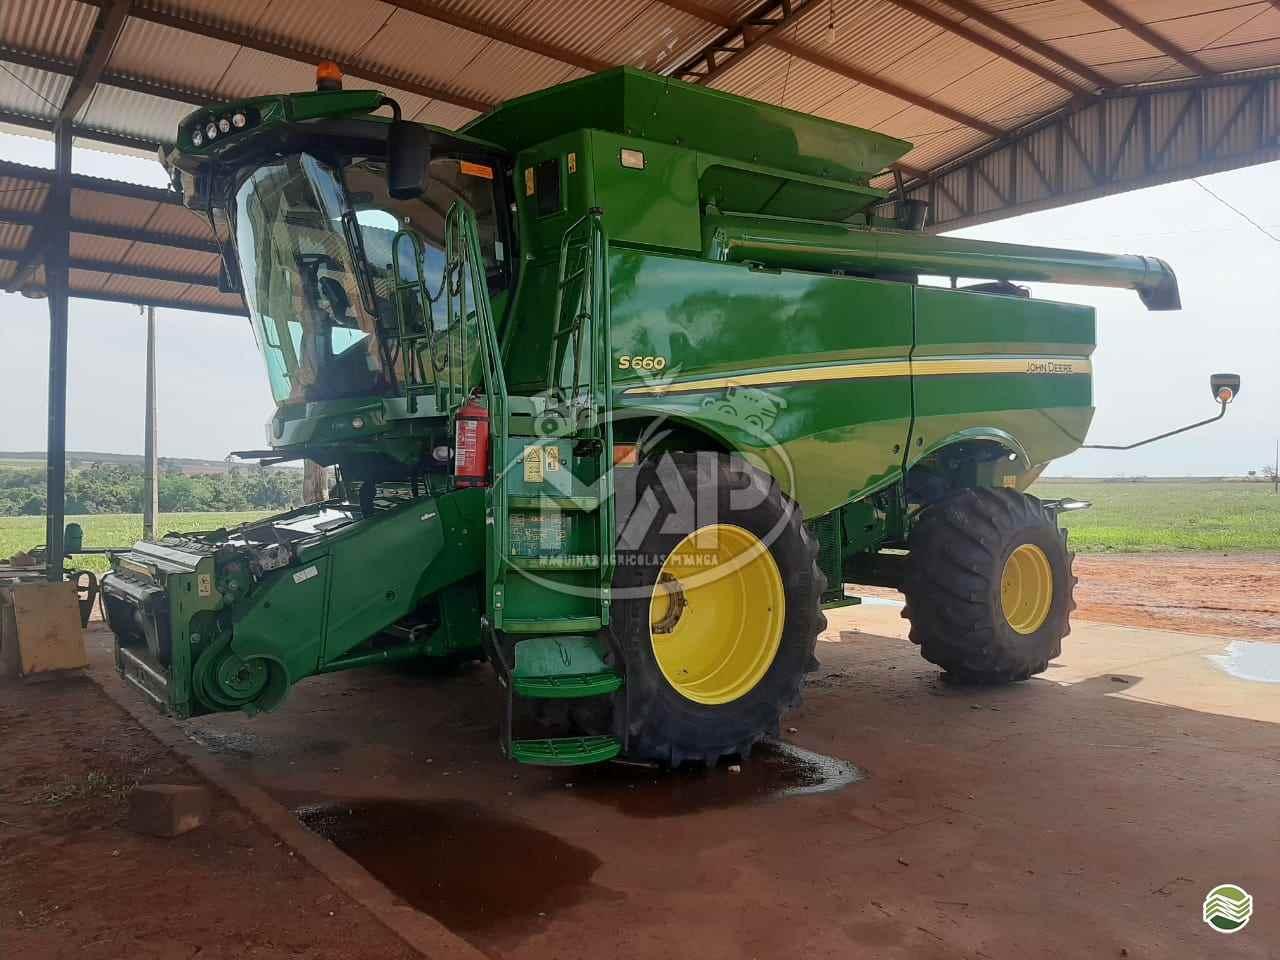 COLHEITADEIRA JOHN DEERE JOHN DEERE S660 Máquinas Agrícolas Pitanga PITANGA PARANÁ PR